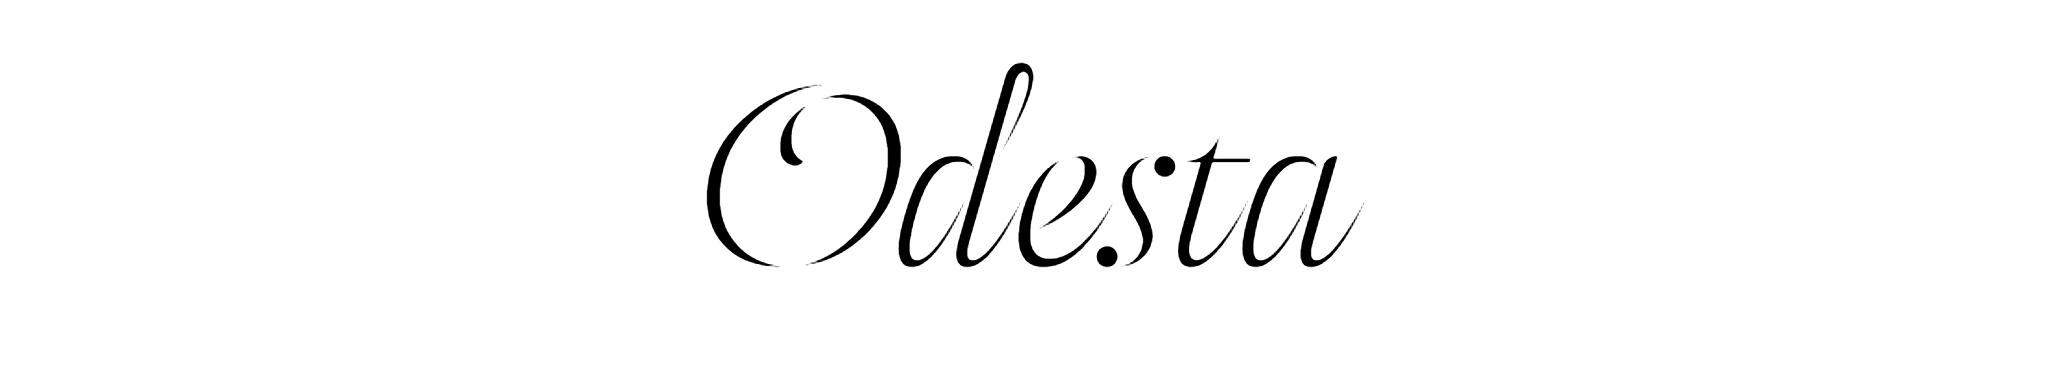 Odesta